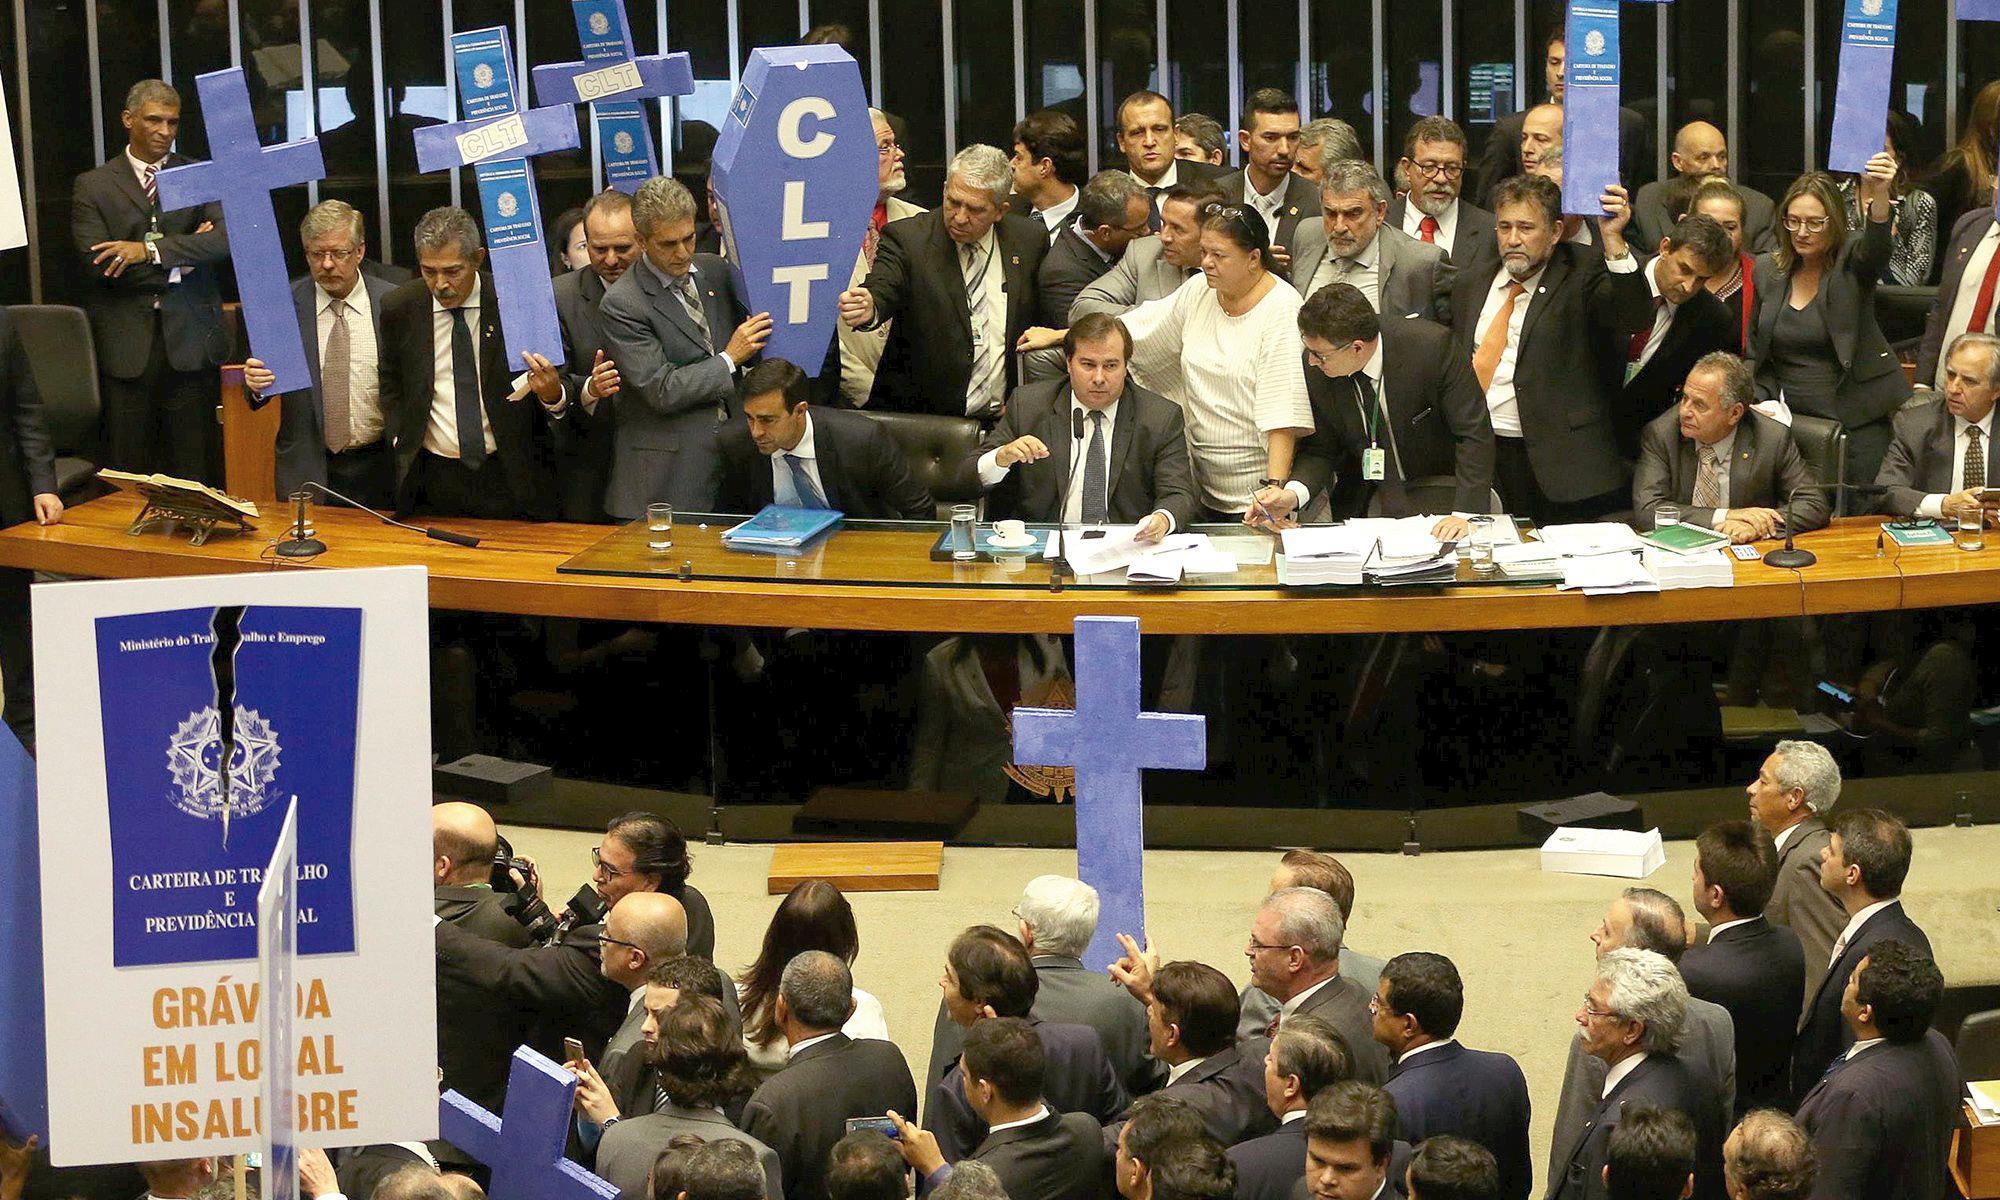 clt, câmara, reforma, Antonio Cruz/Agência Brasil